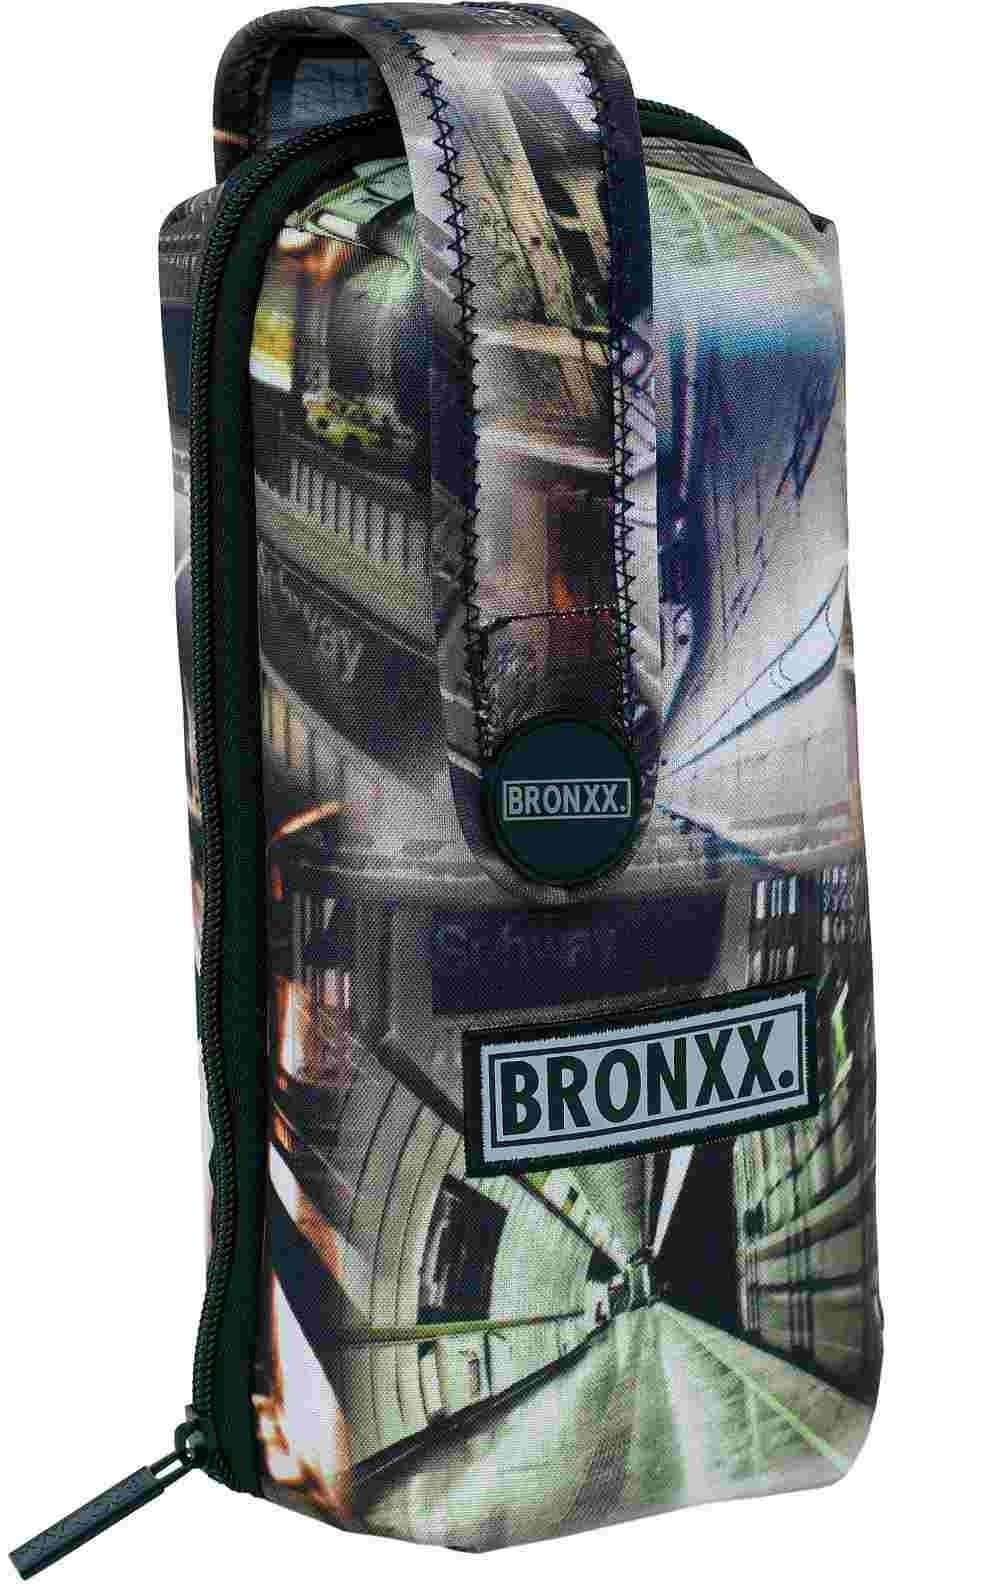 Estuche Multiportatodos Bronxx